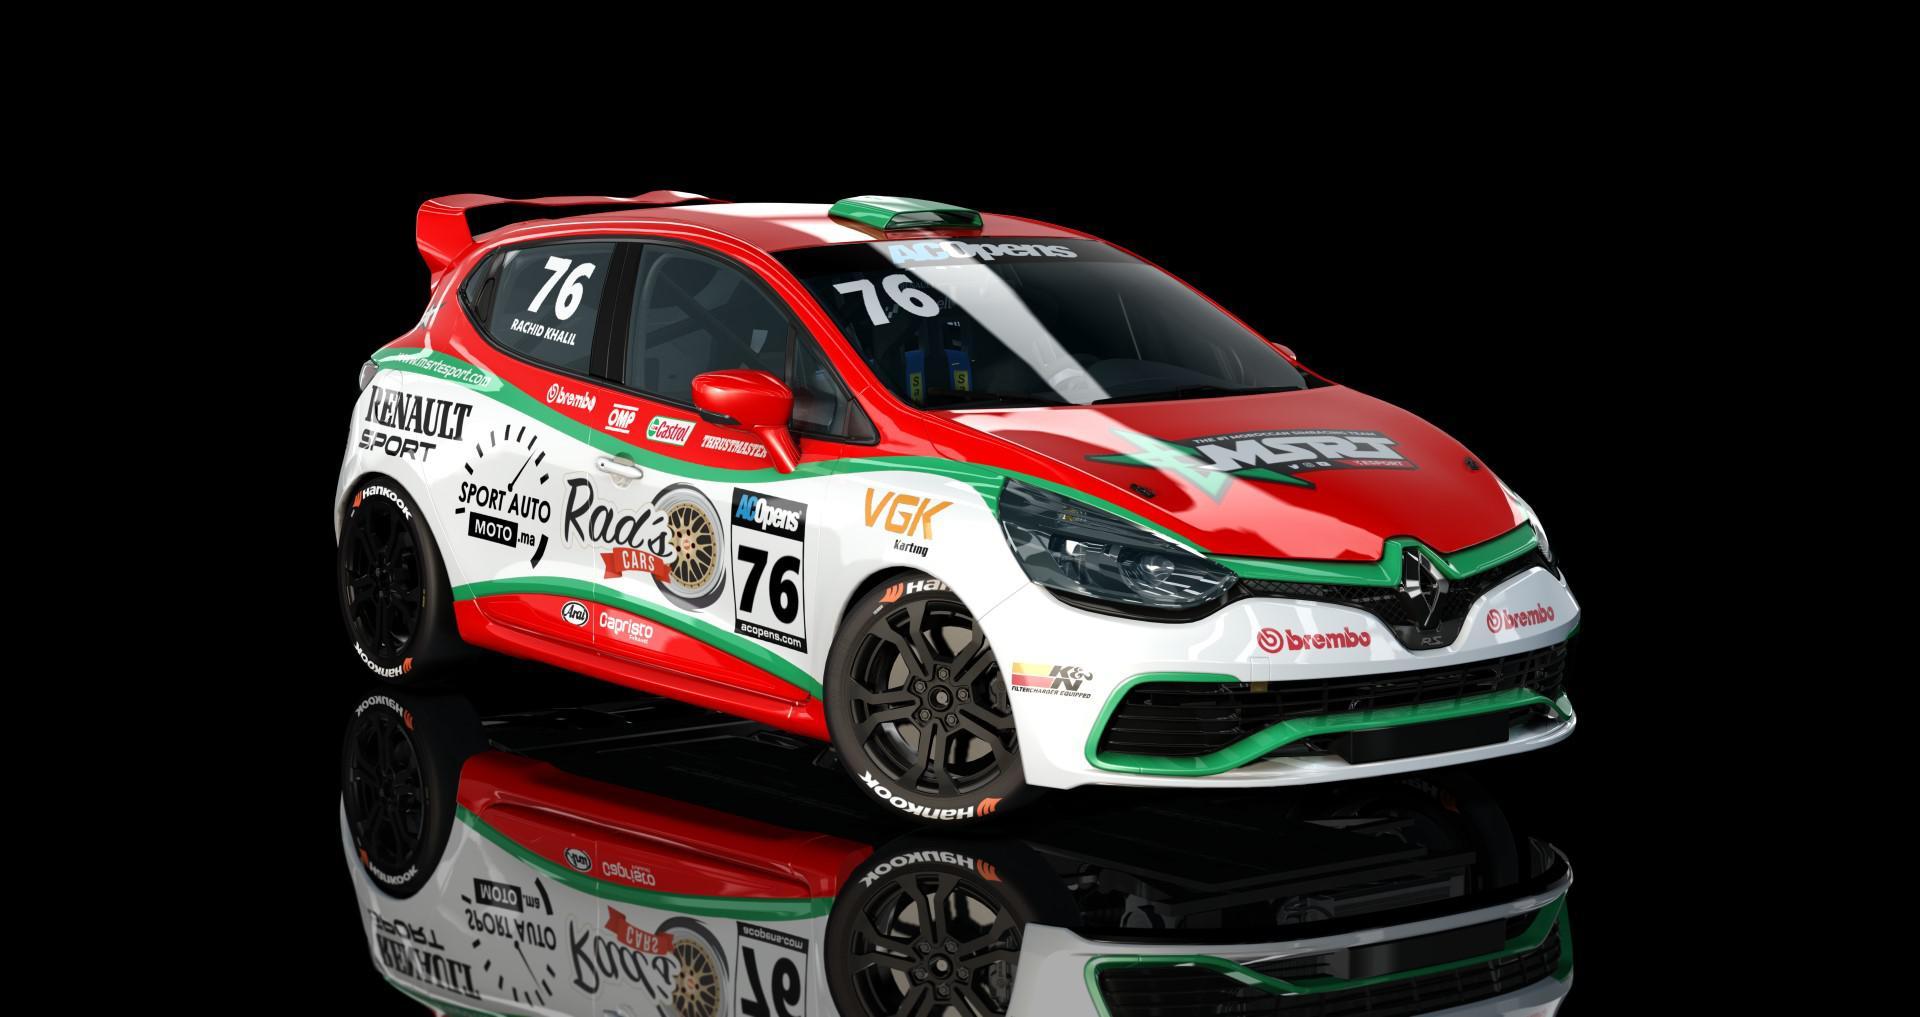 un-premier-evenement-reussi-pour-la-sim-racing-morocco-1284-4.jpg